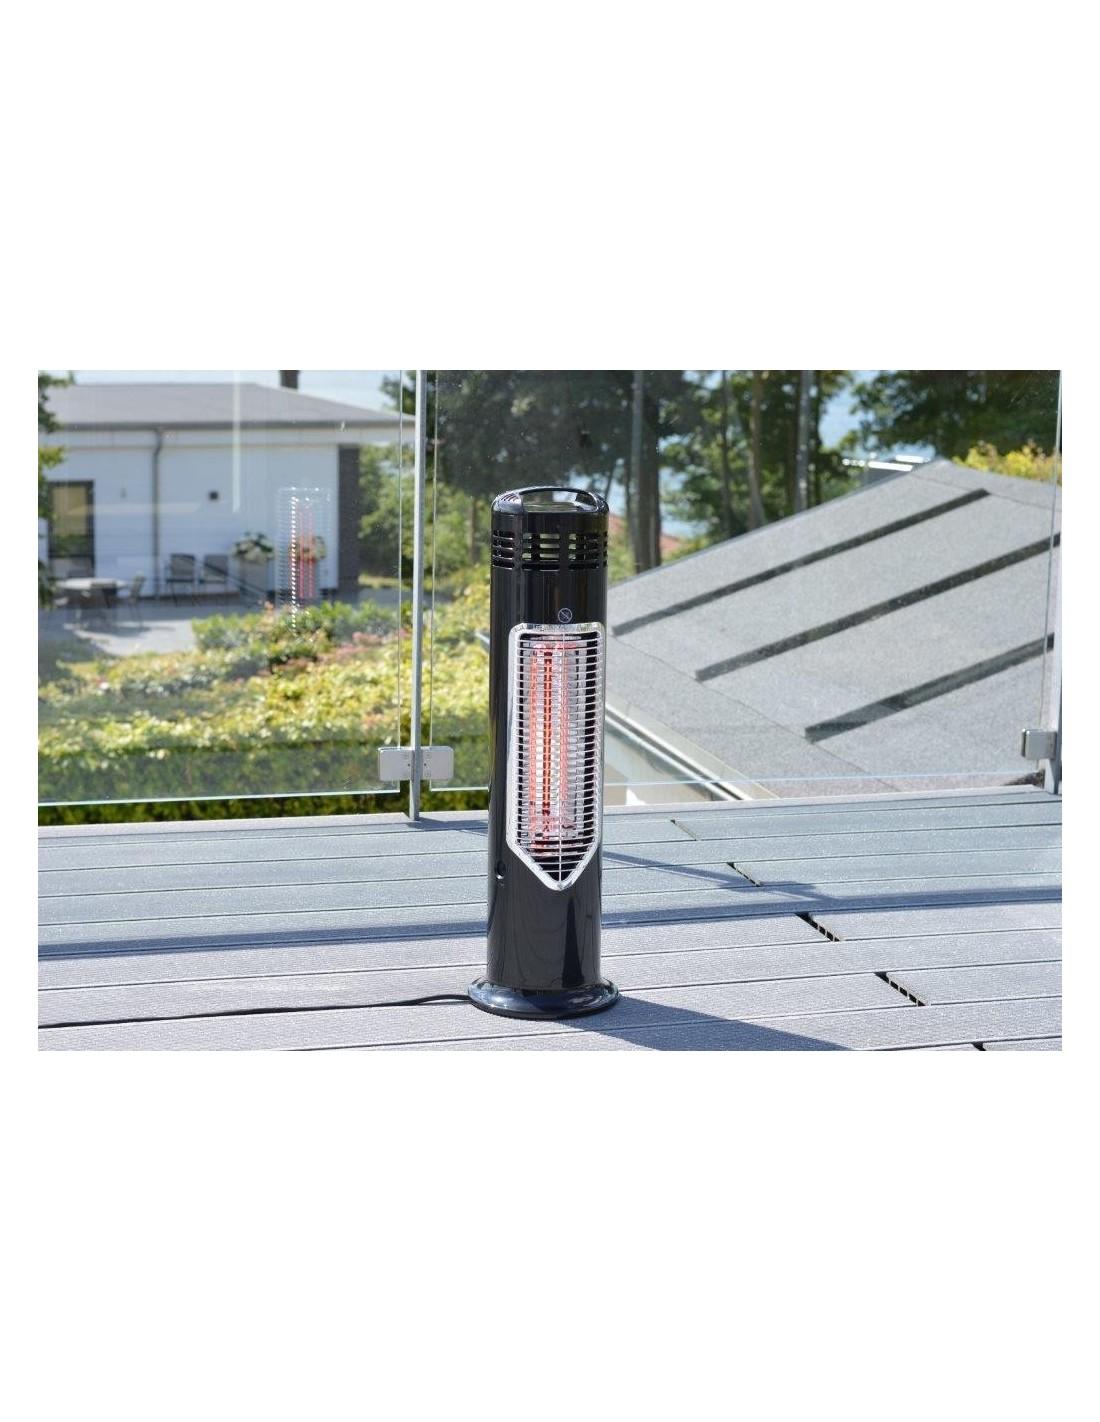 Chauffage exterieur electrique professionnel for Chauffage infrarouge exterieur mural